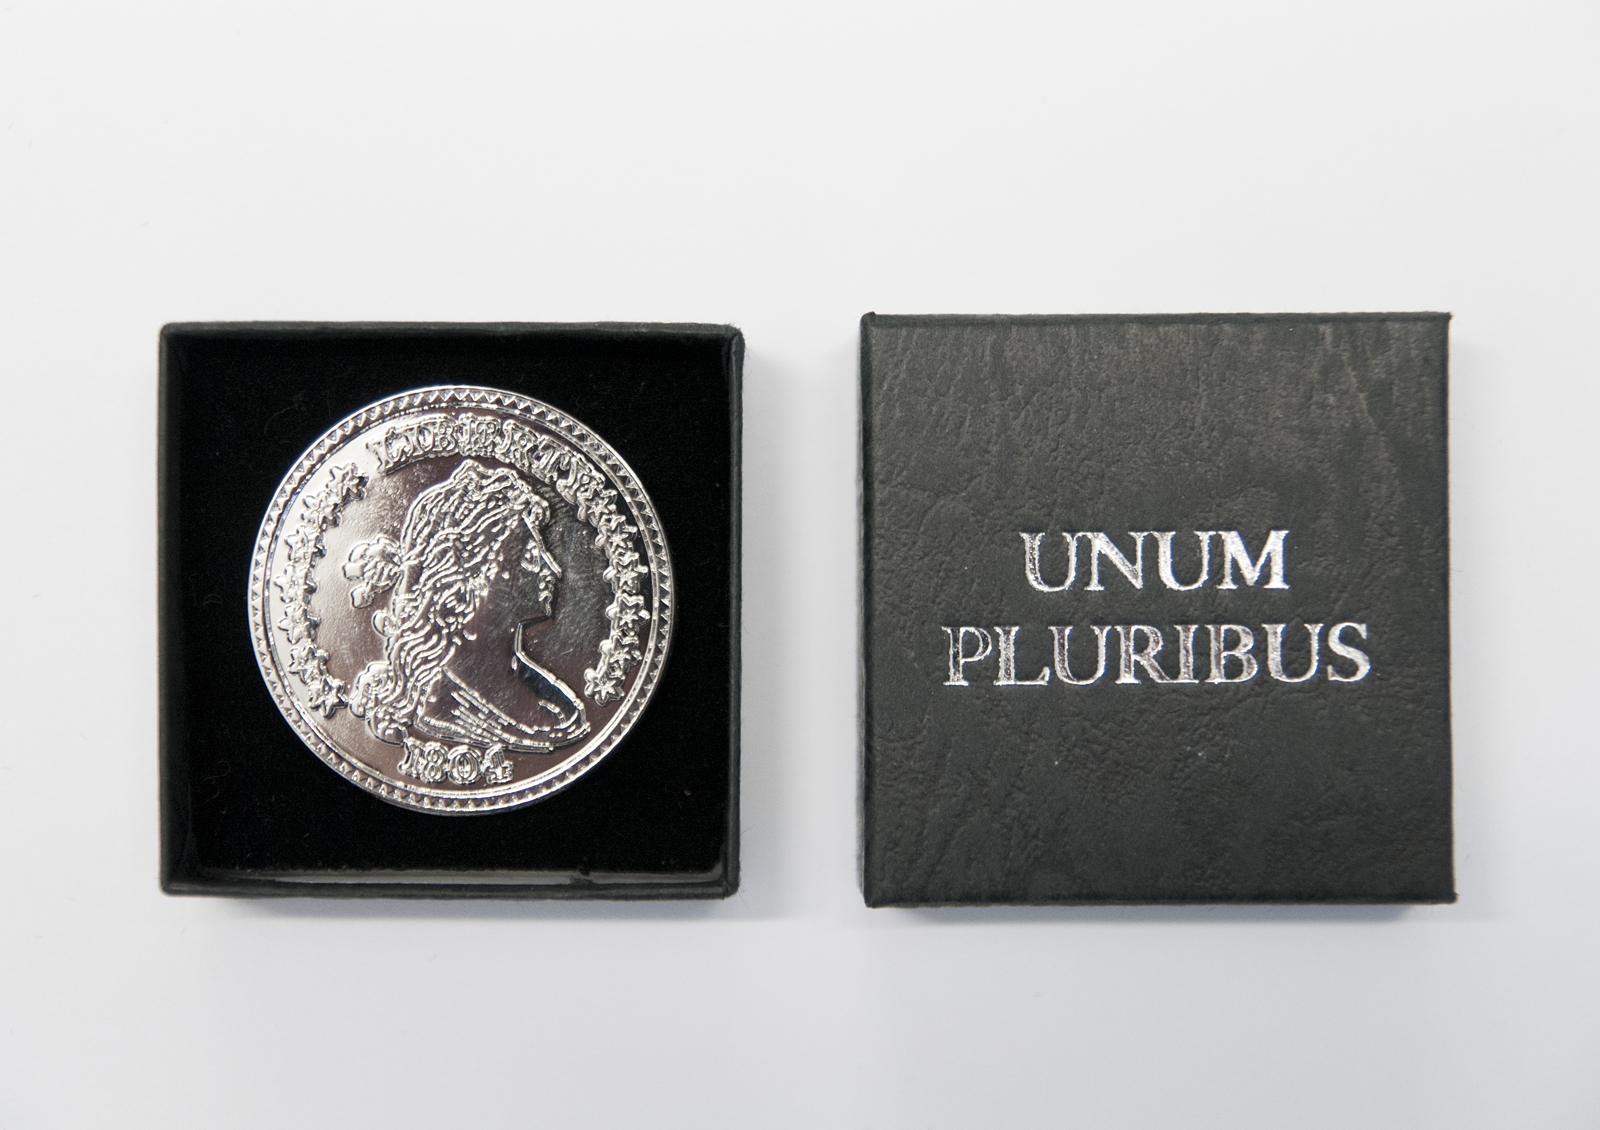 Unum Pluribus